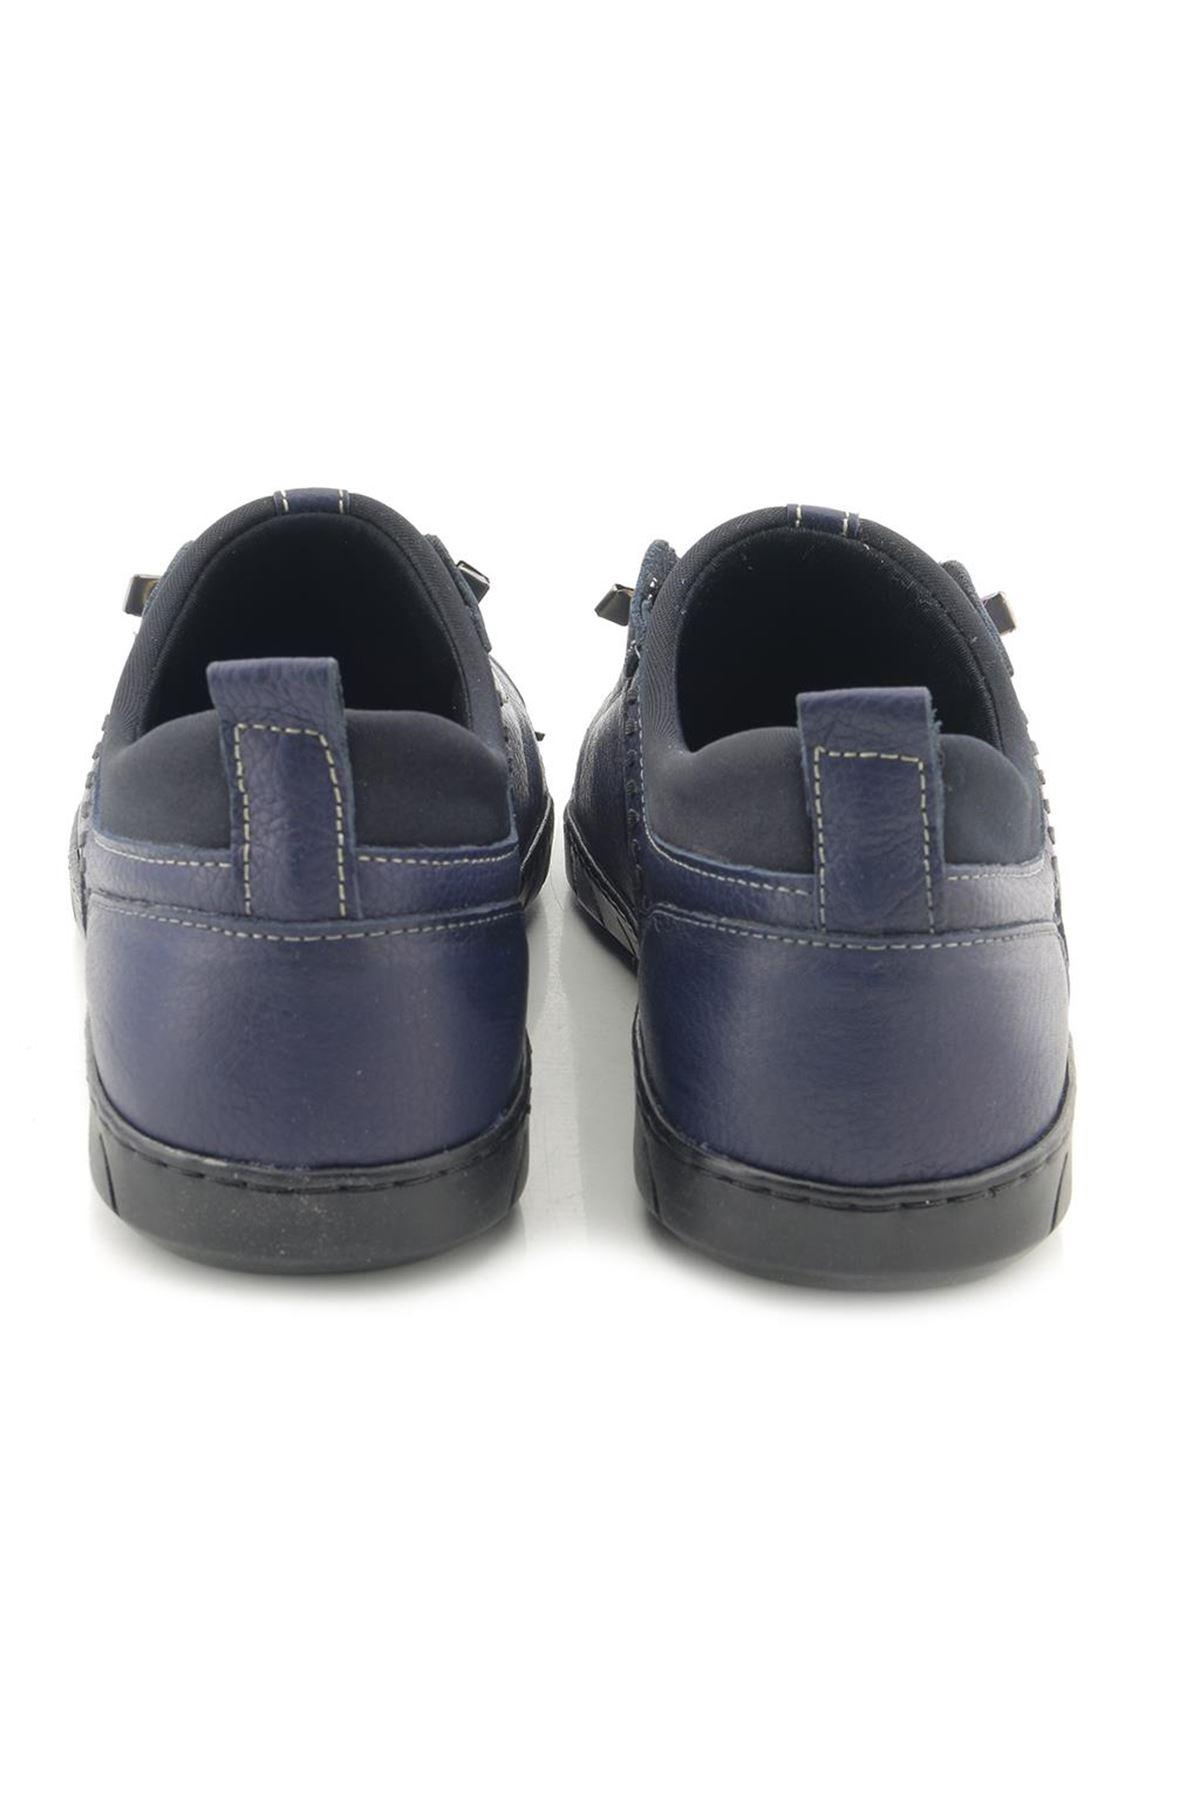 Man Hakiki Deri Fashion Erkek Casual Ayakkabı